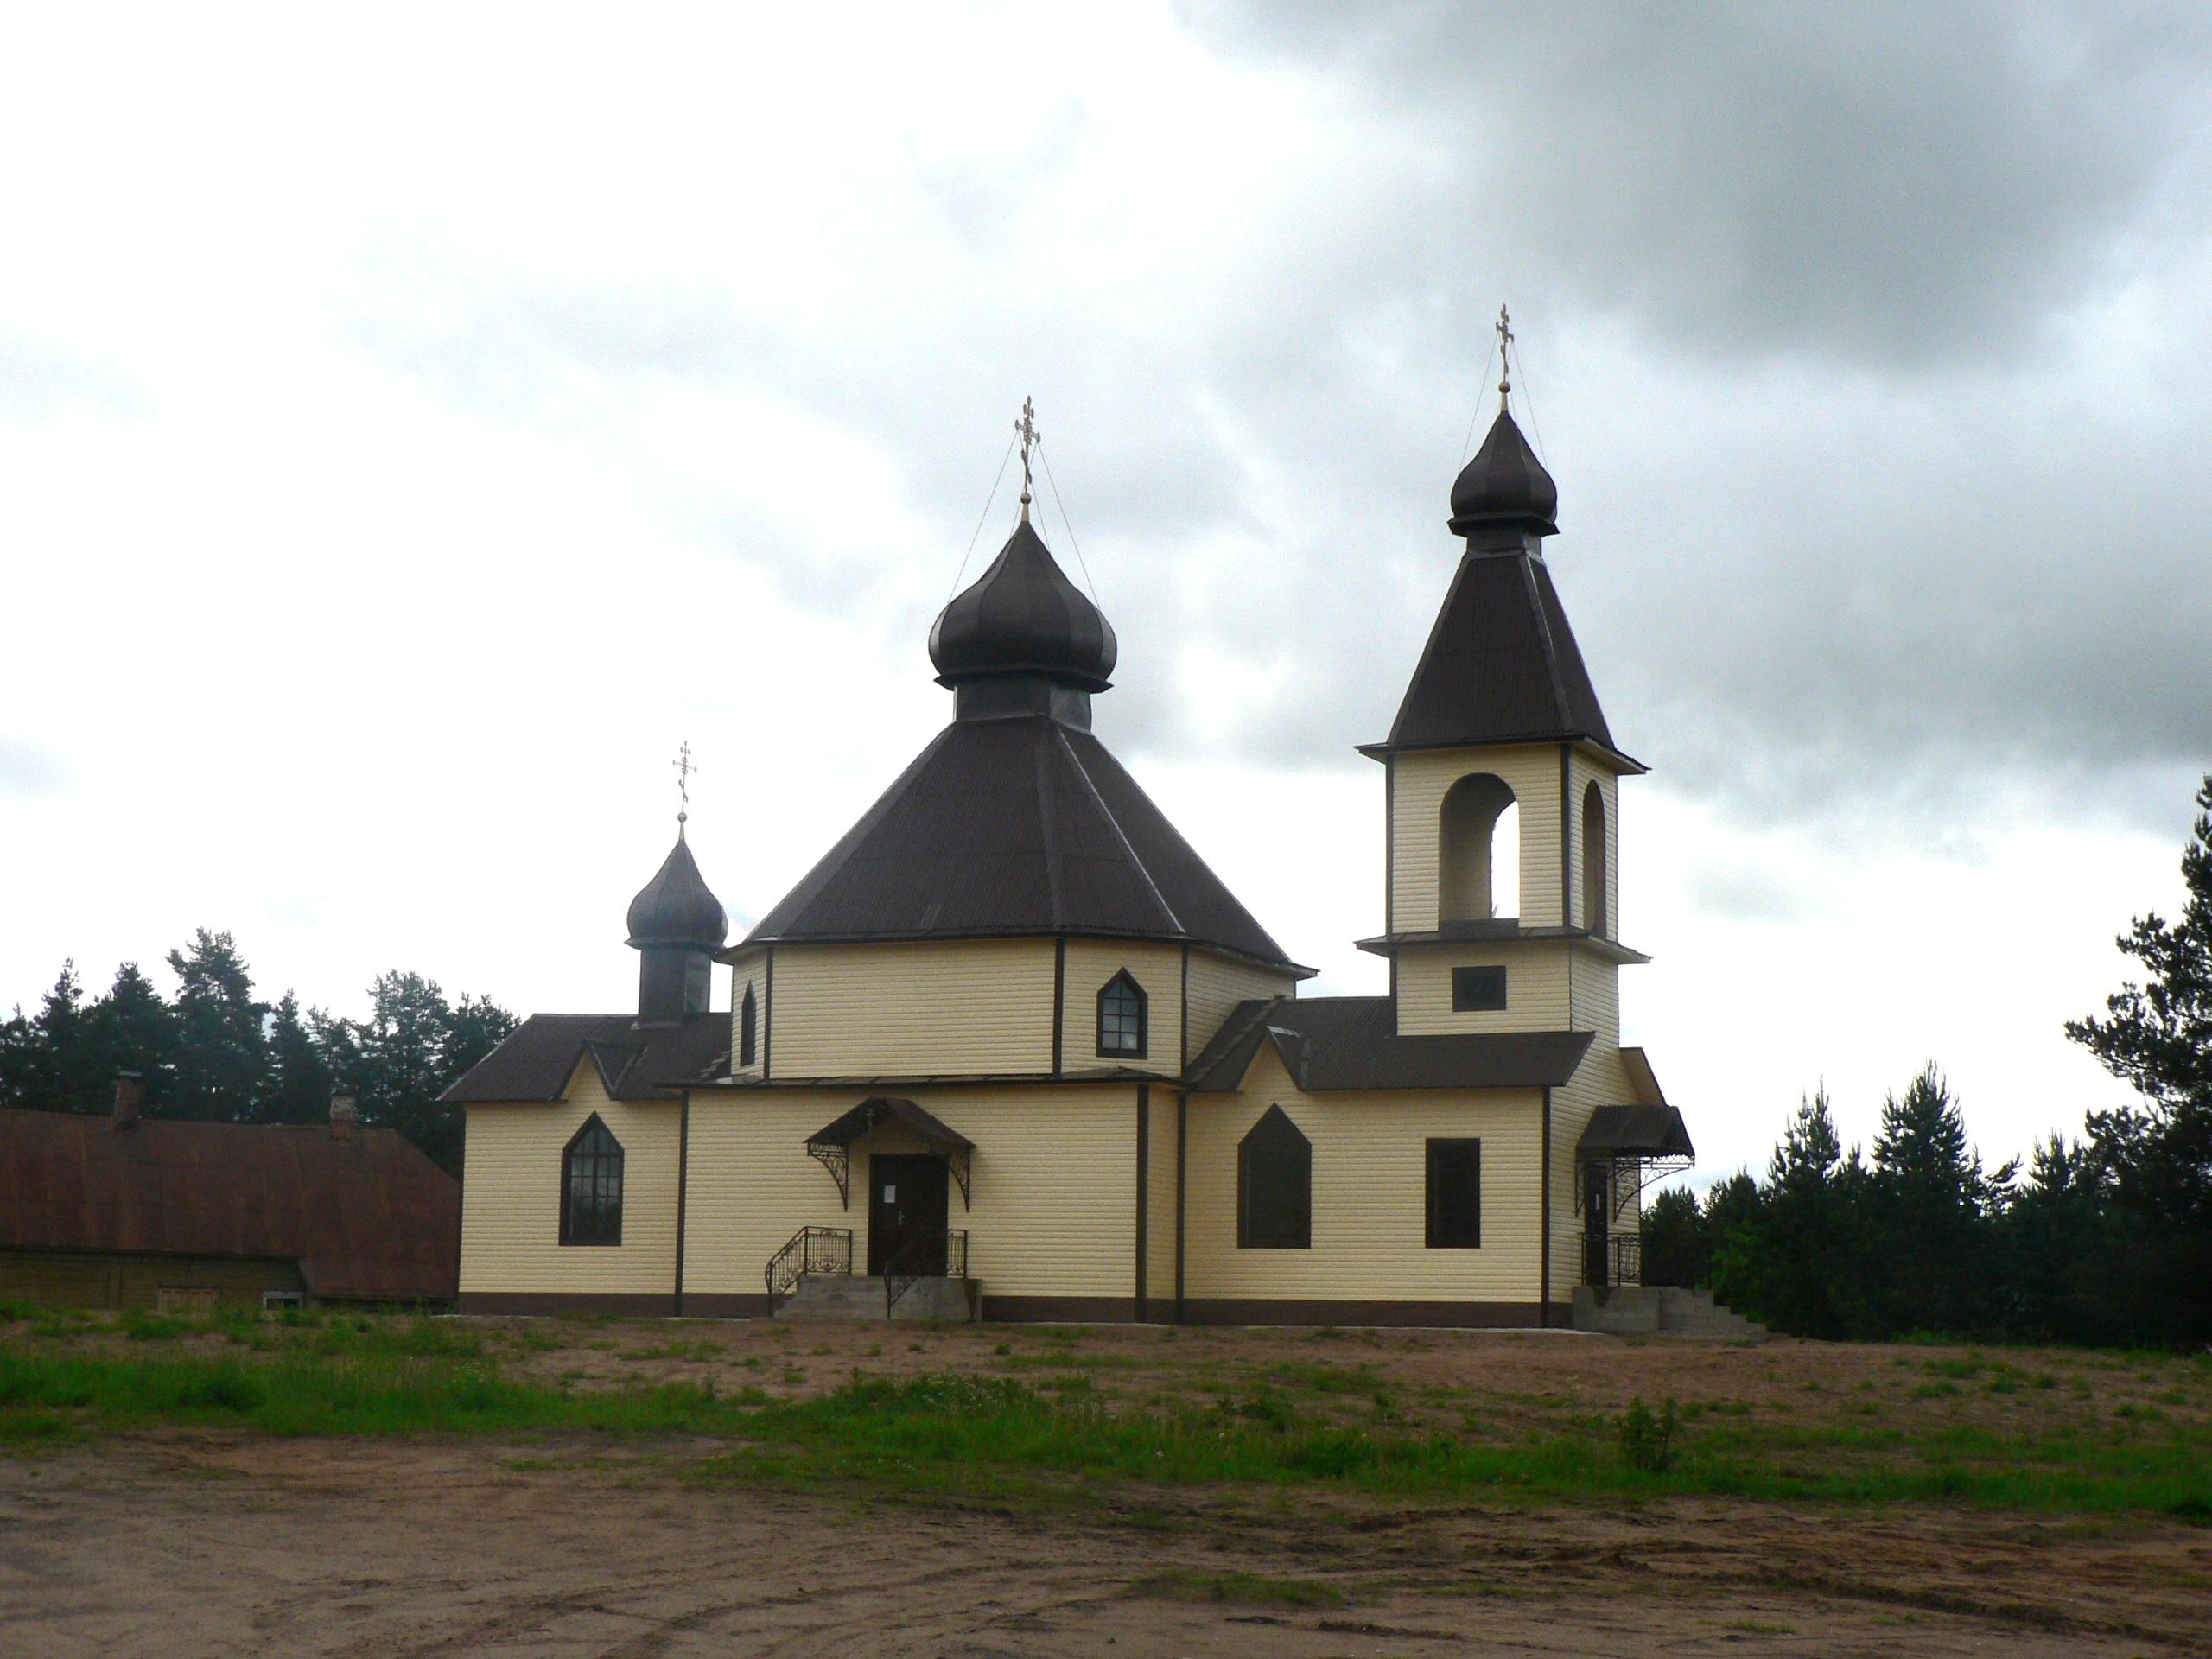 Погода в п. Боровёнка (Окуловский район, Новгородская область) на эту неделю